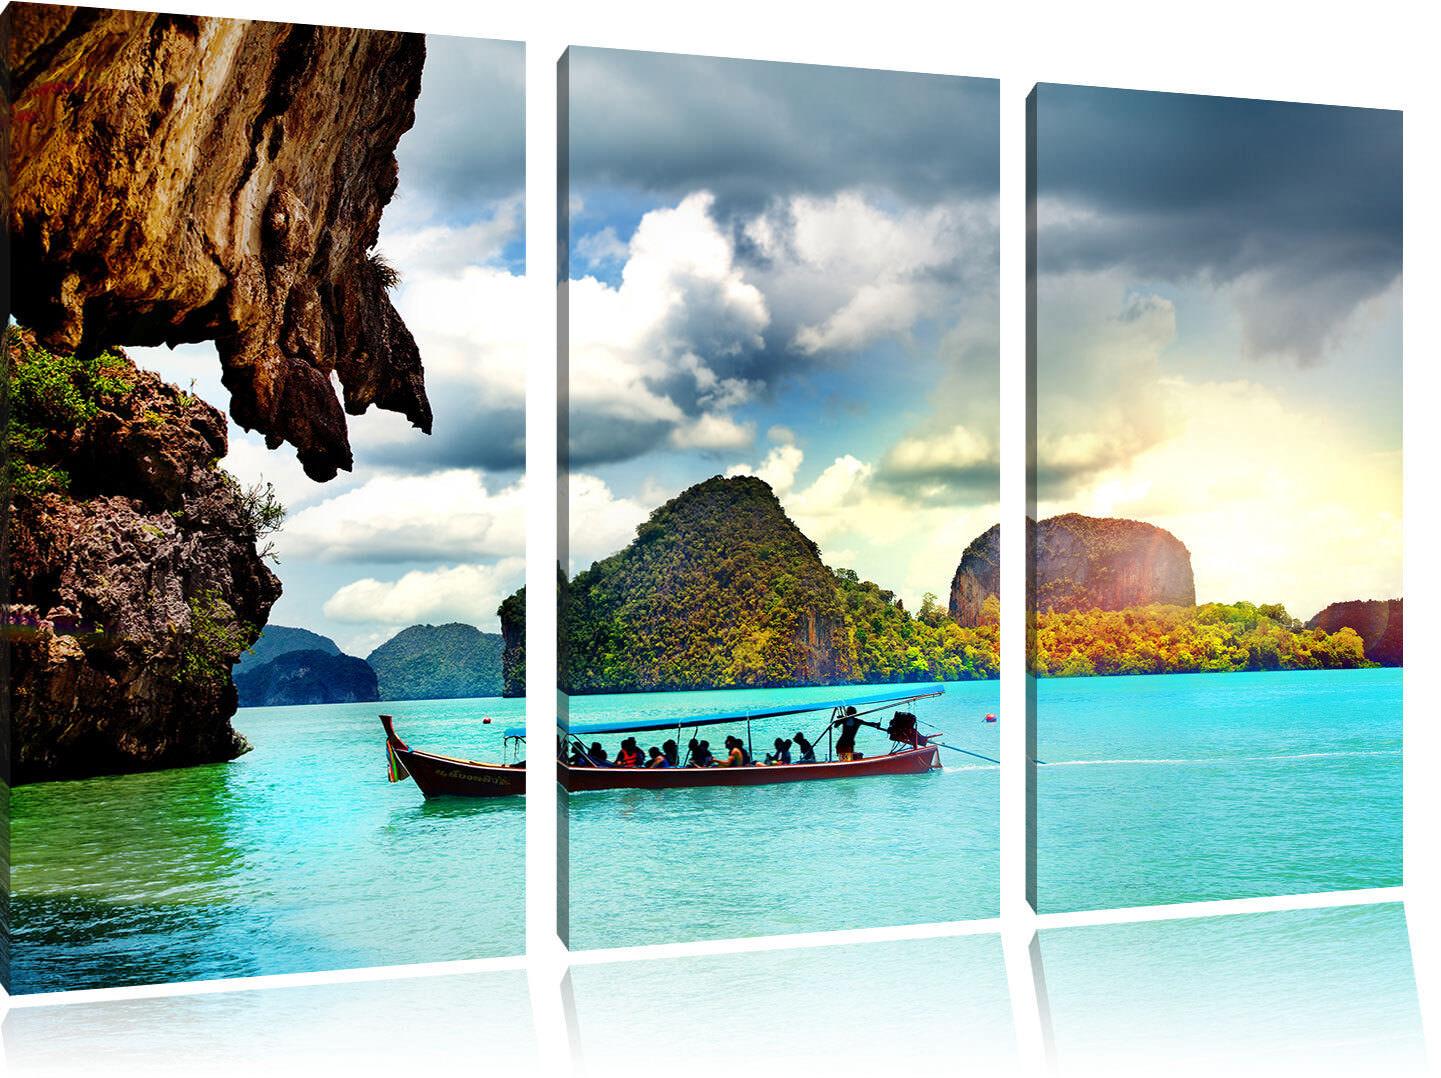 Tailandia de Phuket Playa Paradisiaca 3-Teiler Foto en Lienzo Decoración de Tailandia Pared a0488c